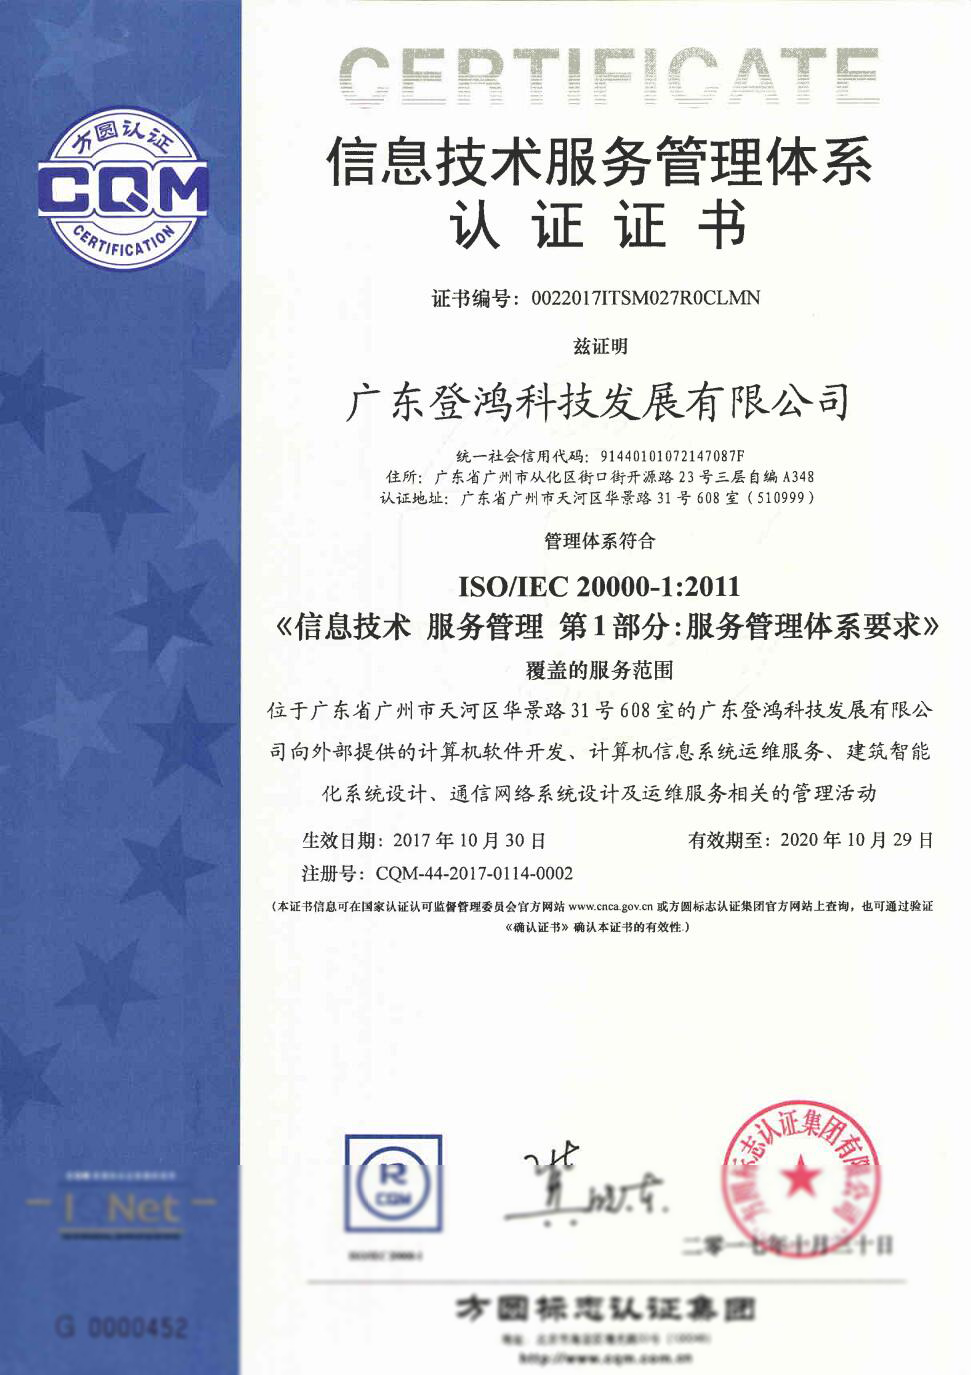 信息技术服务管理体系认证证书